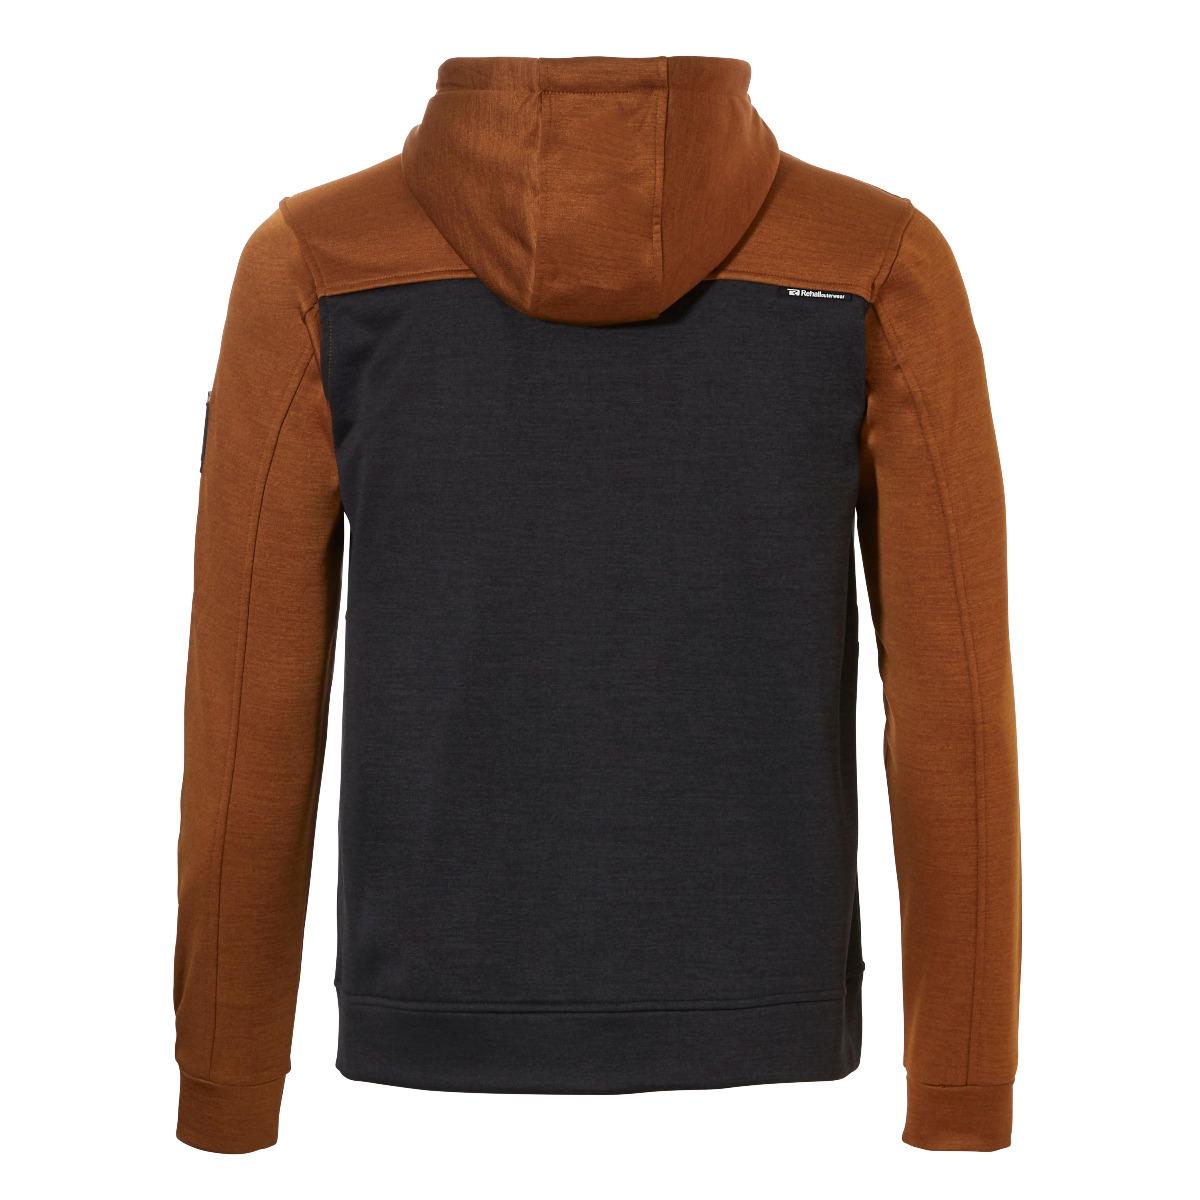 Rehall Herren Waves-R Full Zip Hooded Jacke 60032 copper brown